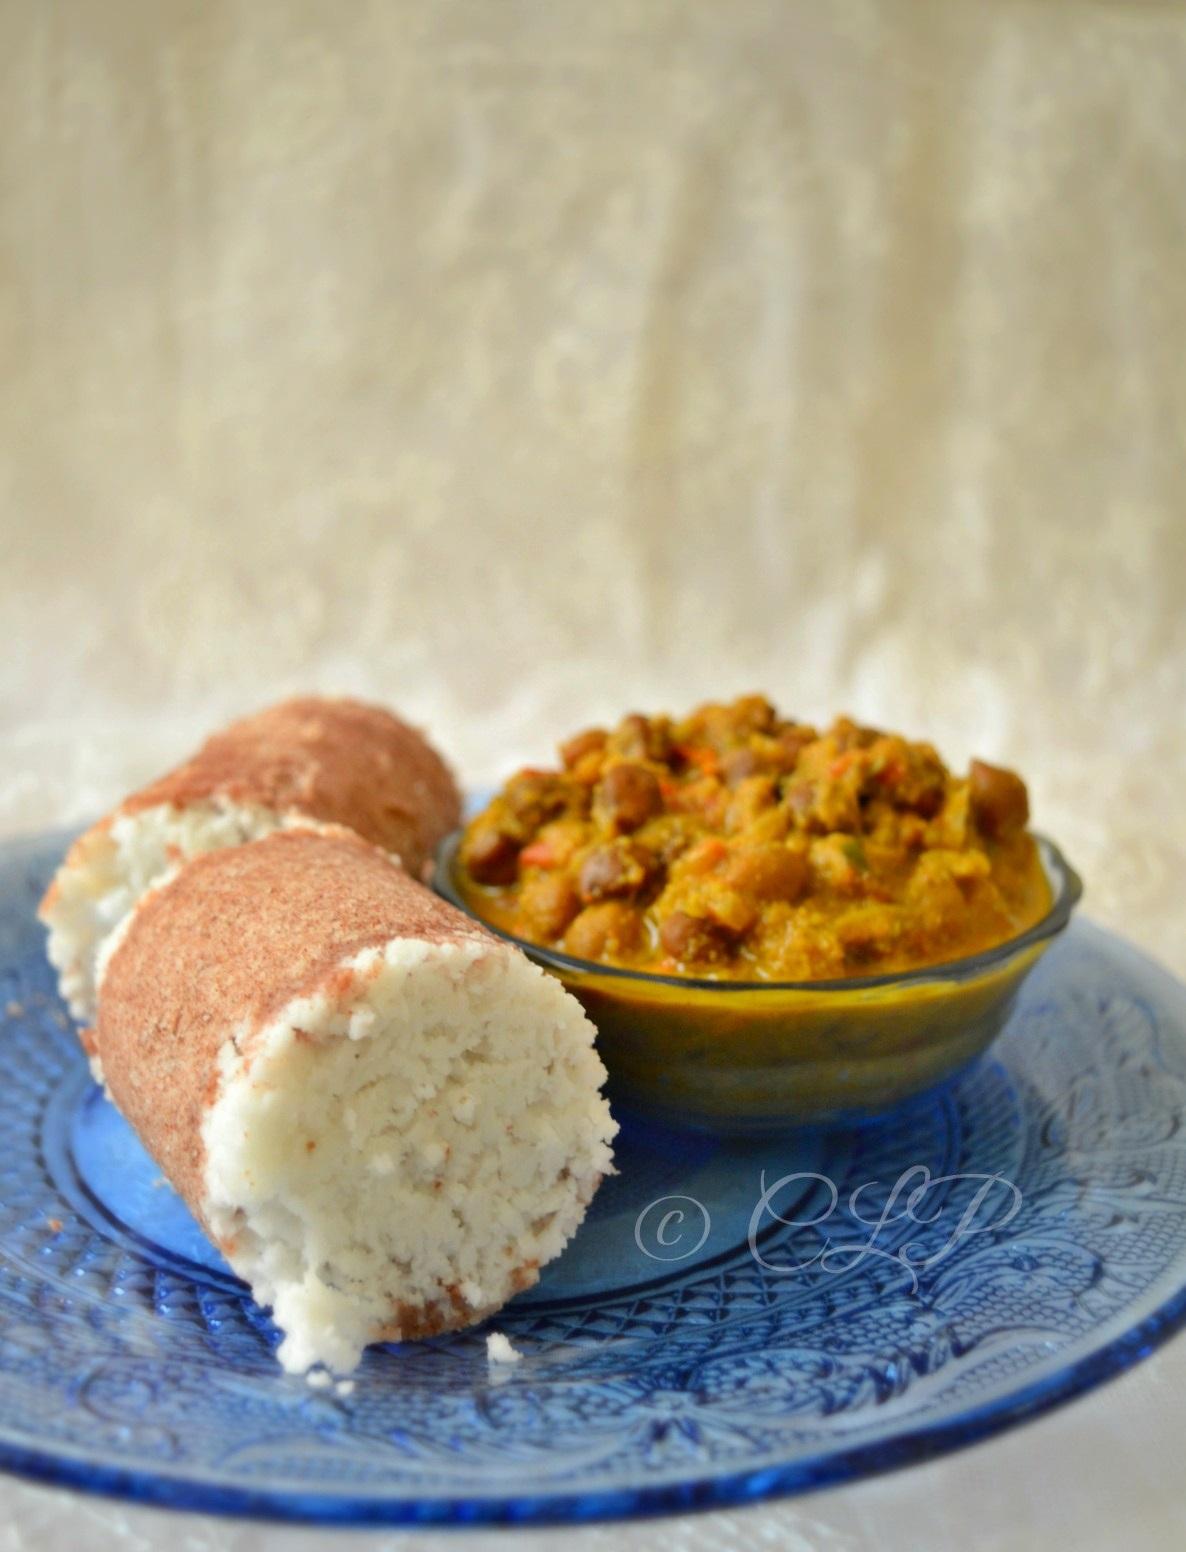 Fingermillet Puttu Recipe/ How to make Ragi puttu at home